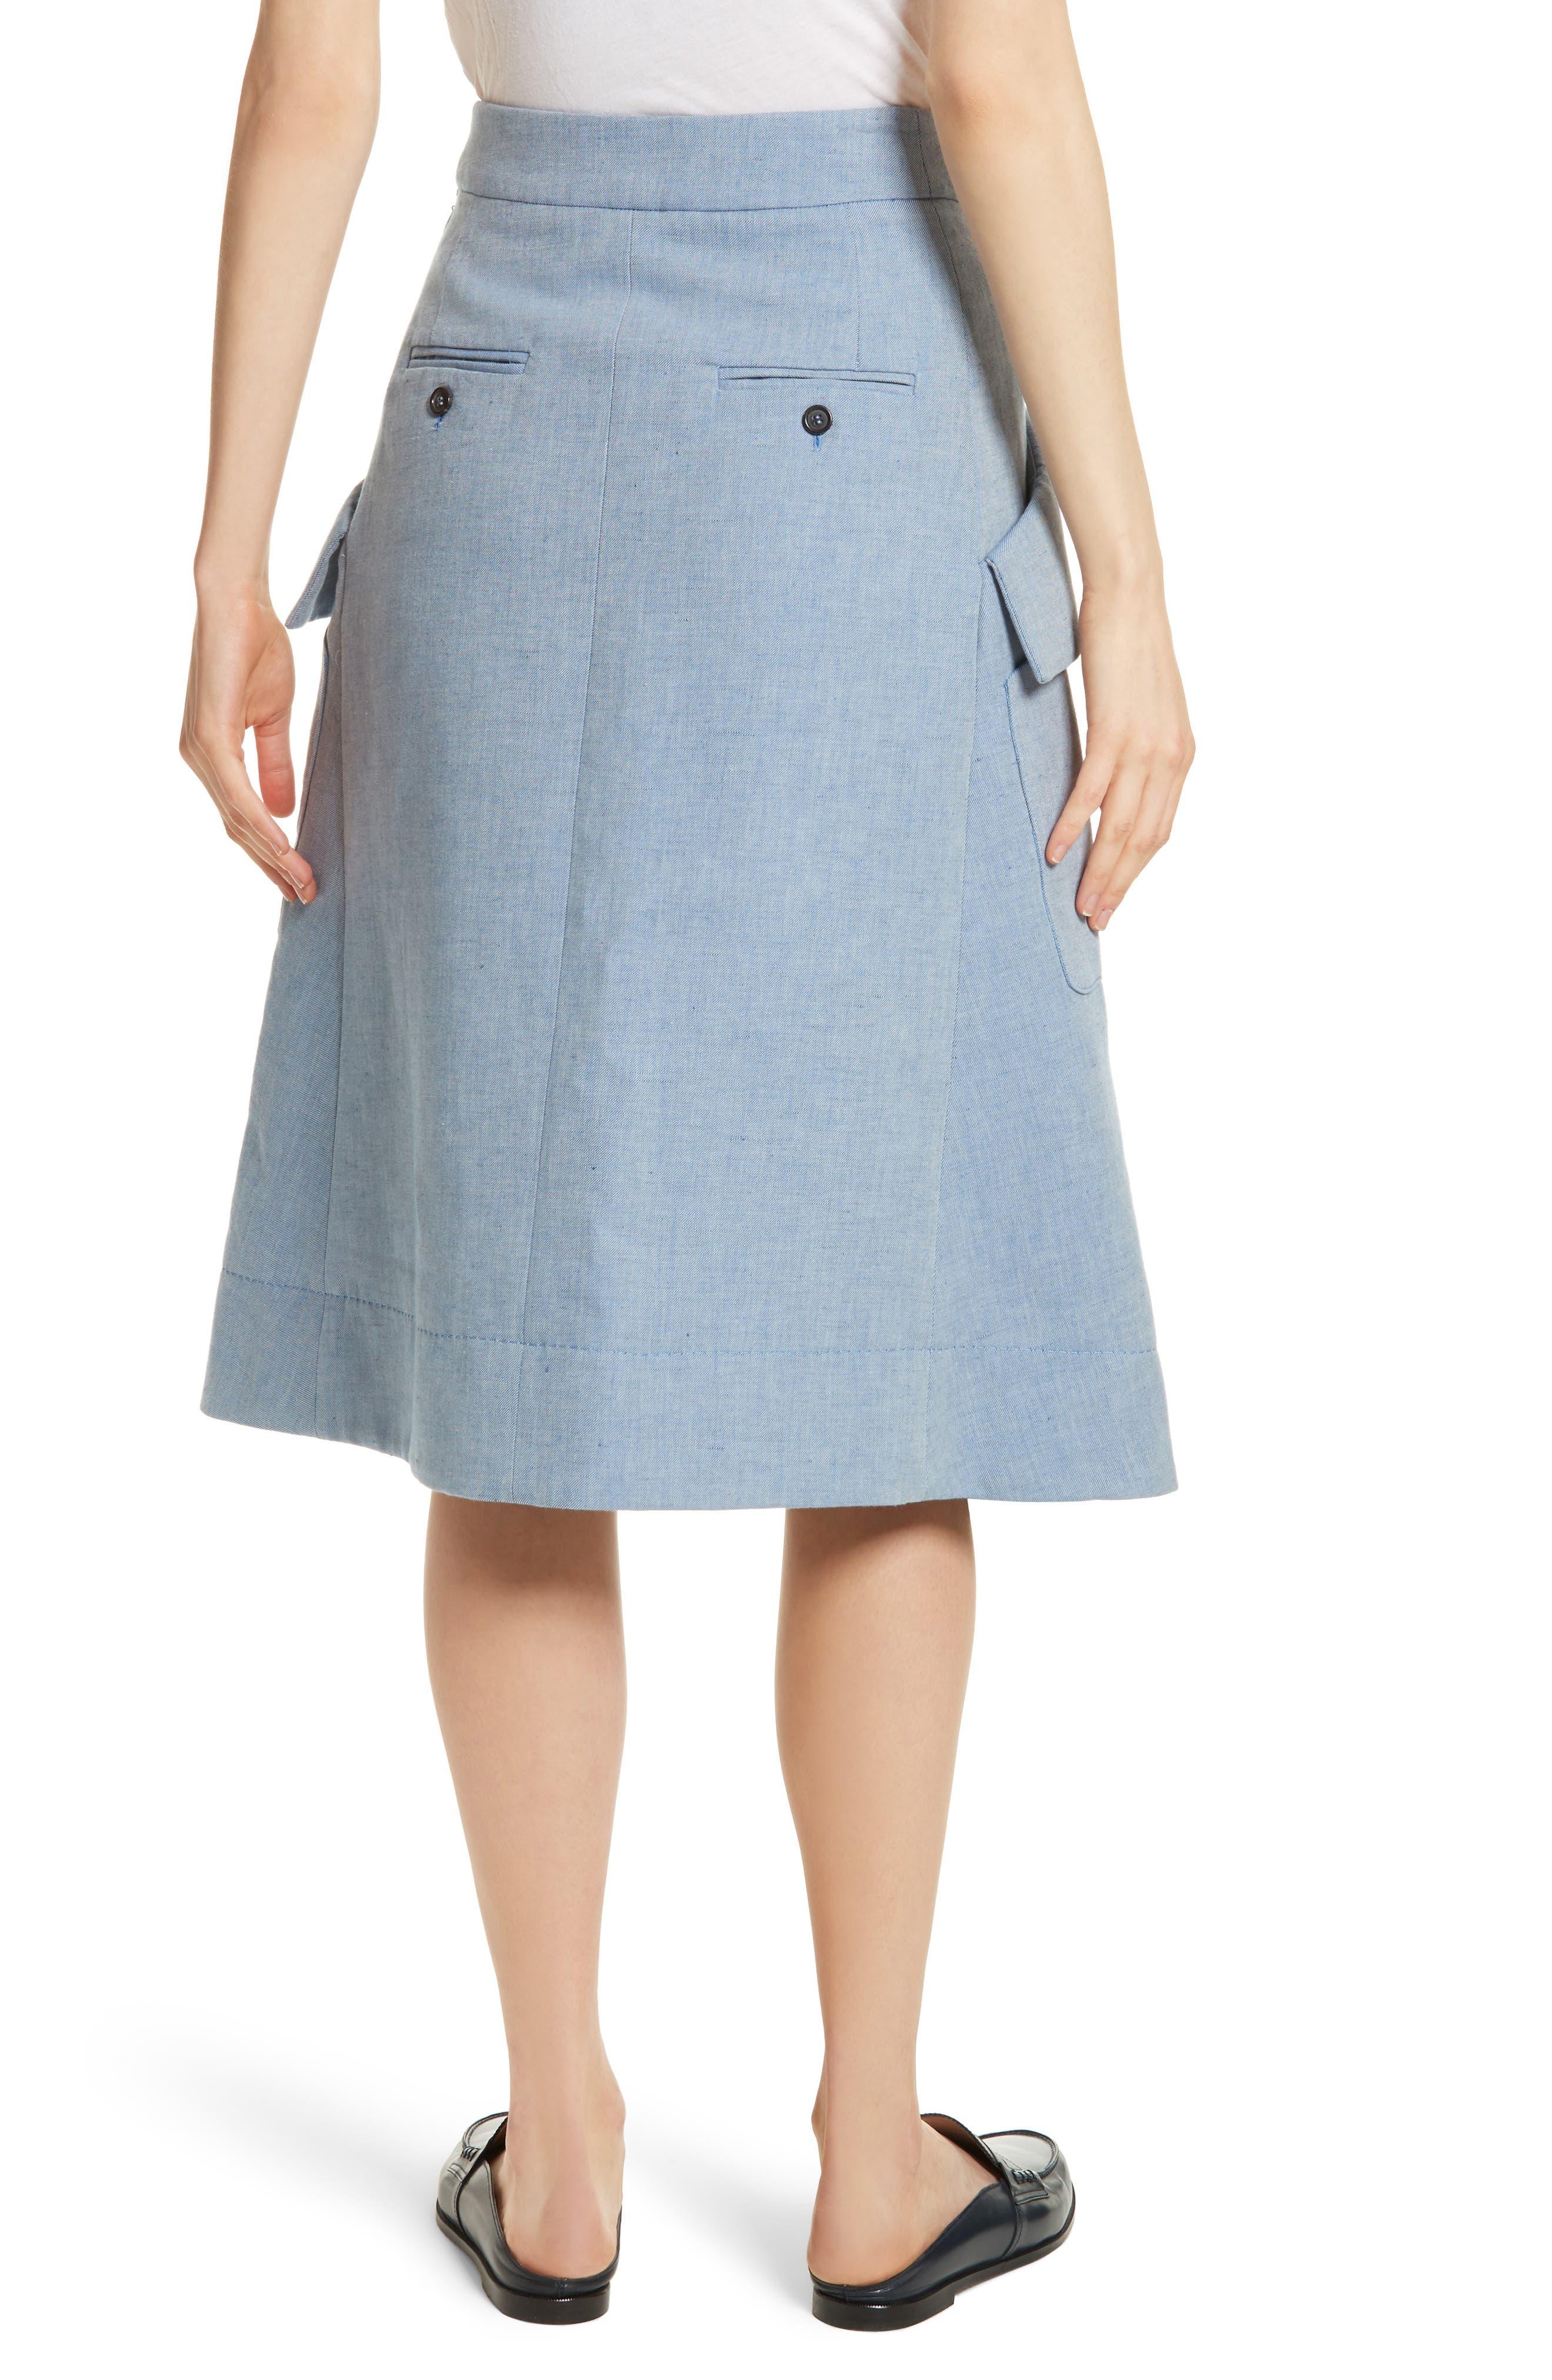 Alternate Image 2  - Carven Jupe Genou Skirt